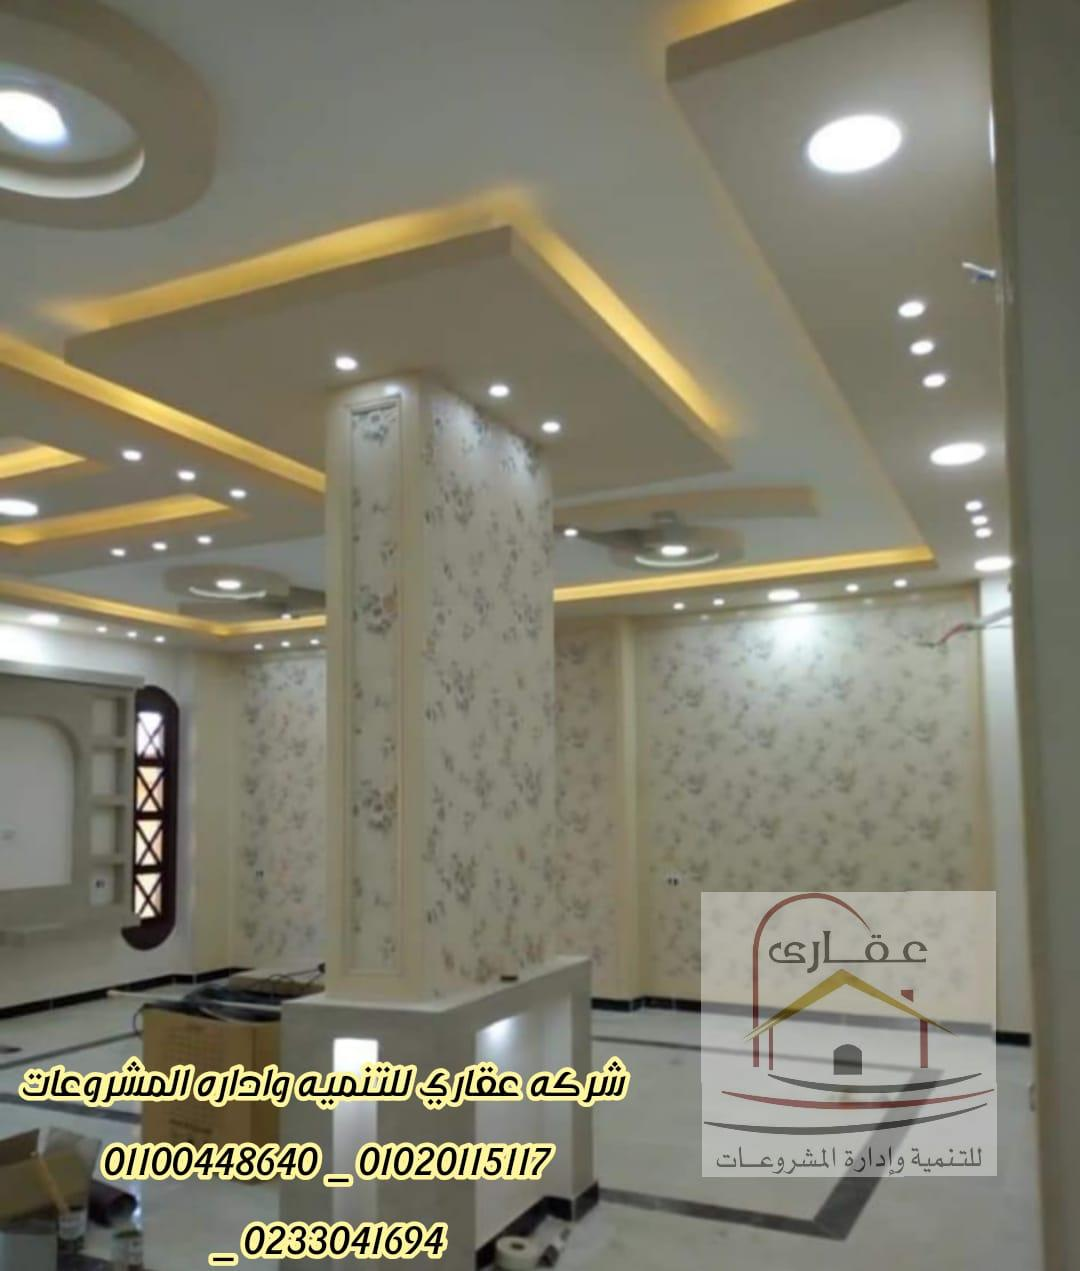 افضل شركة ديكور فى مصر _ شركة ديكور ( شركة عقارى01100448640 _ 01020115117 ) 918799521